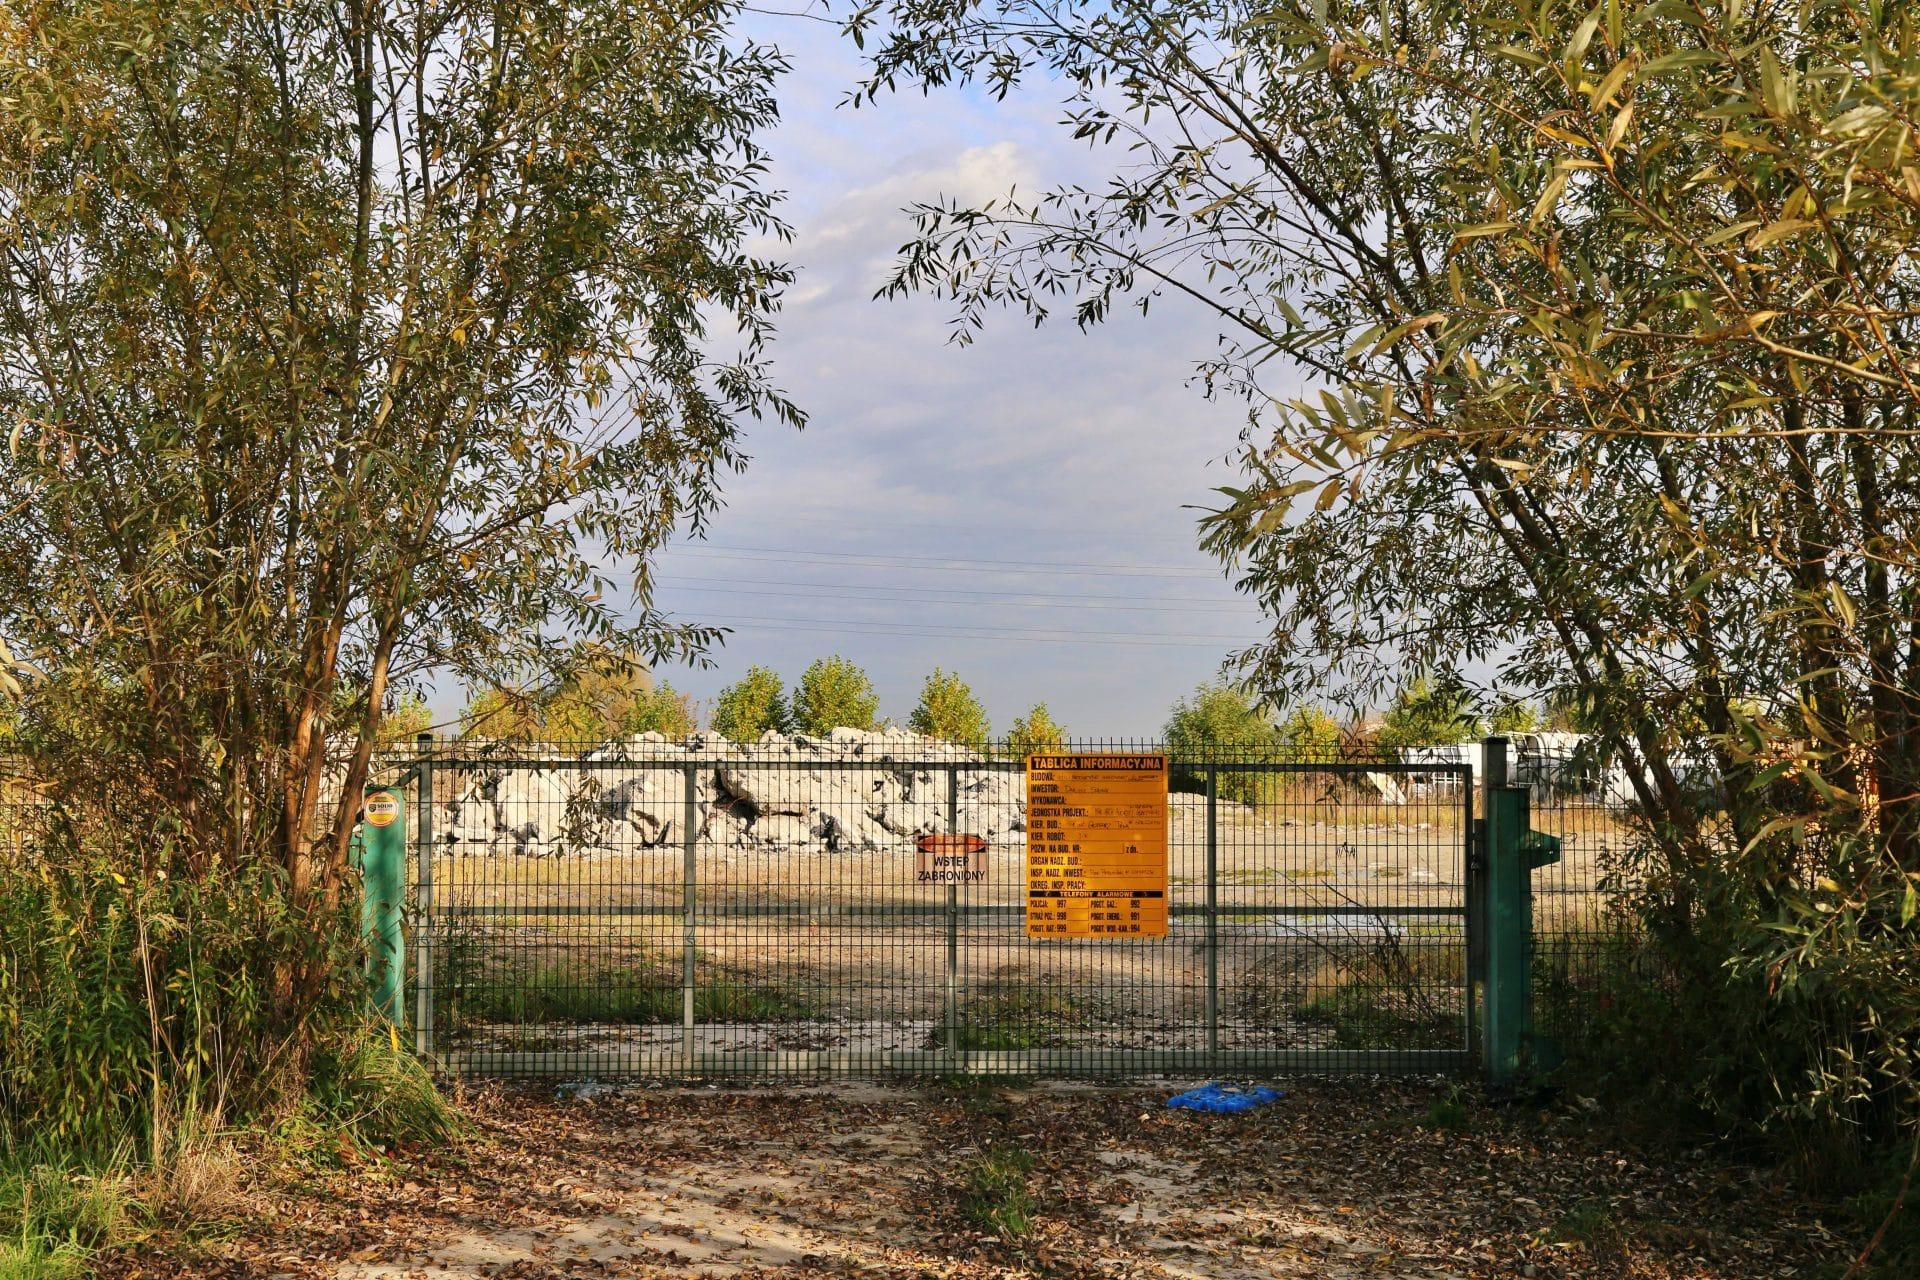 Przy ul. Nad Drwiną, na obszarze przeznaczonym pod park rzeczny, miałaby powstać hala produkcyjno-magazynowa do produkcji respiratorów. / Covidówki w Krakowie.